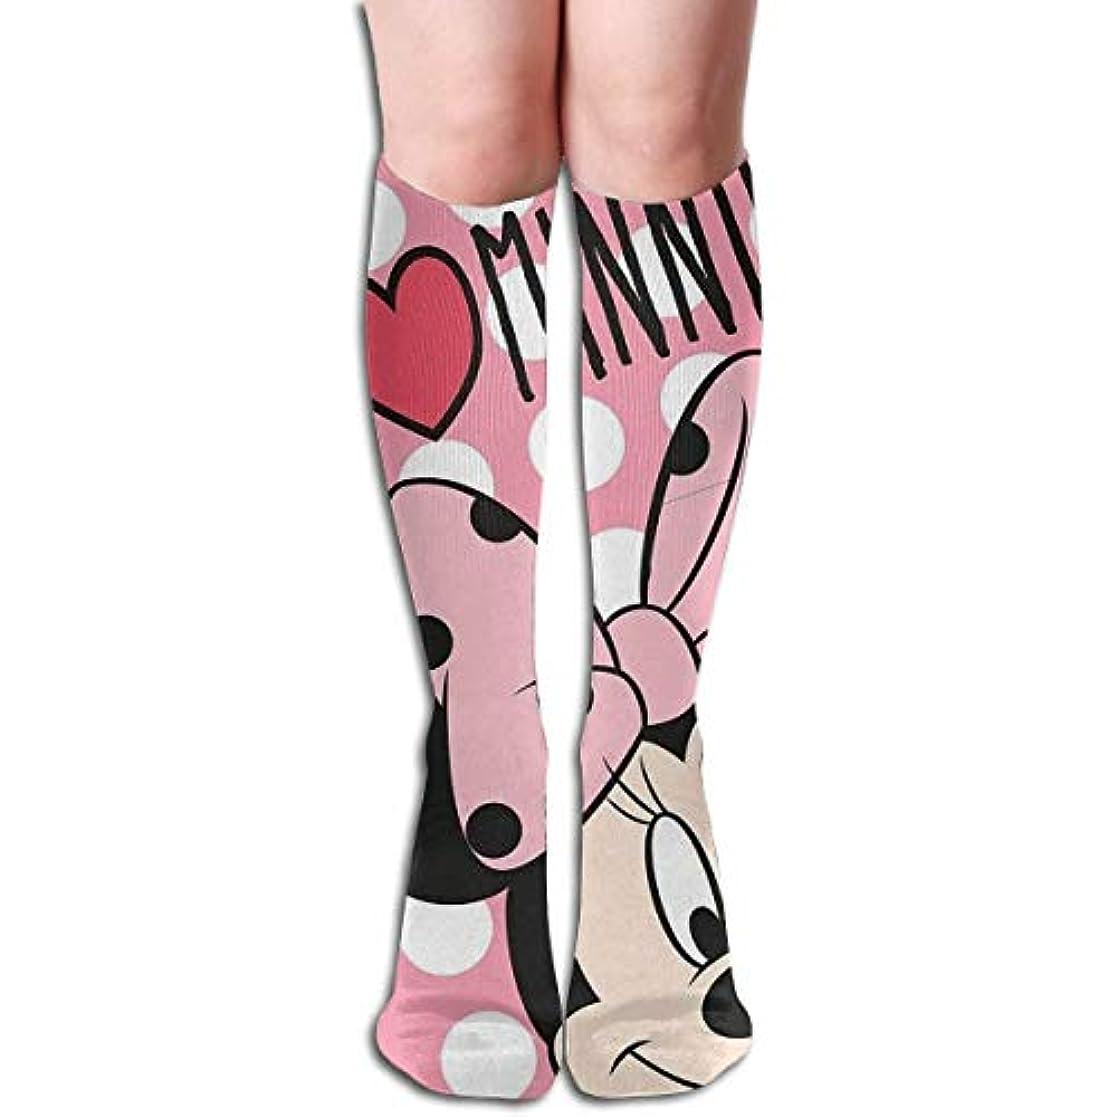 喜ぶさわやかぼかしqrriyミニーチューブストッキングレディース冬暖かい膝ハイソックスブーツ靴下